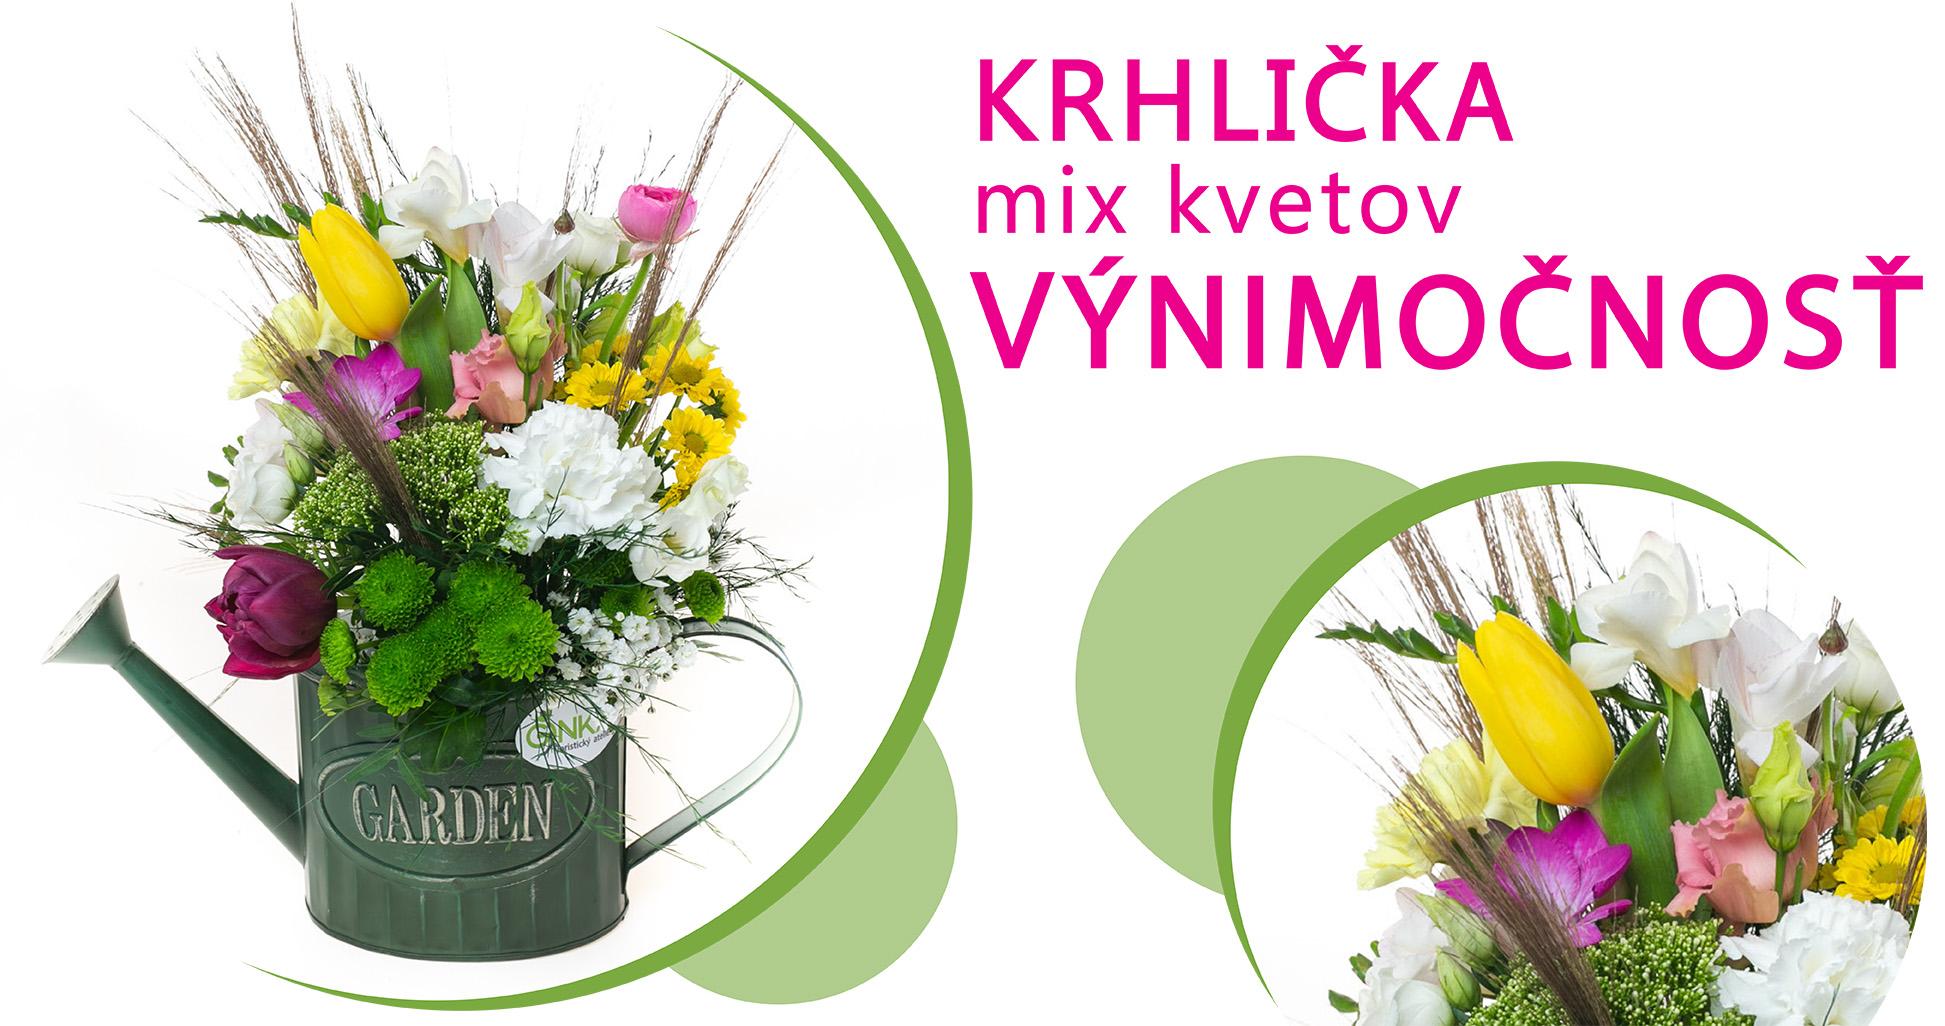 Krhlička mix kvetov VÝNIMOČNOSŤ